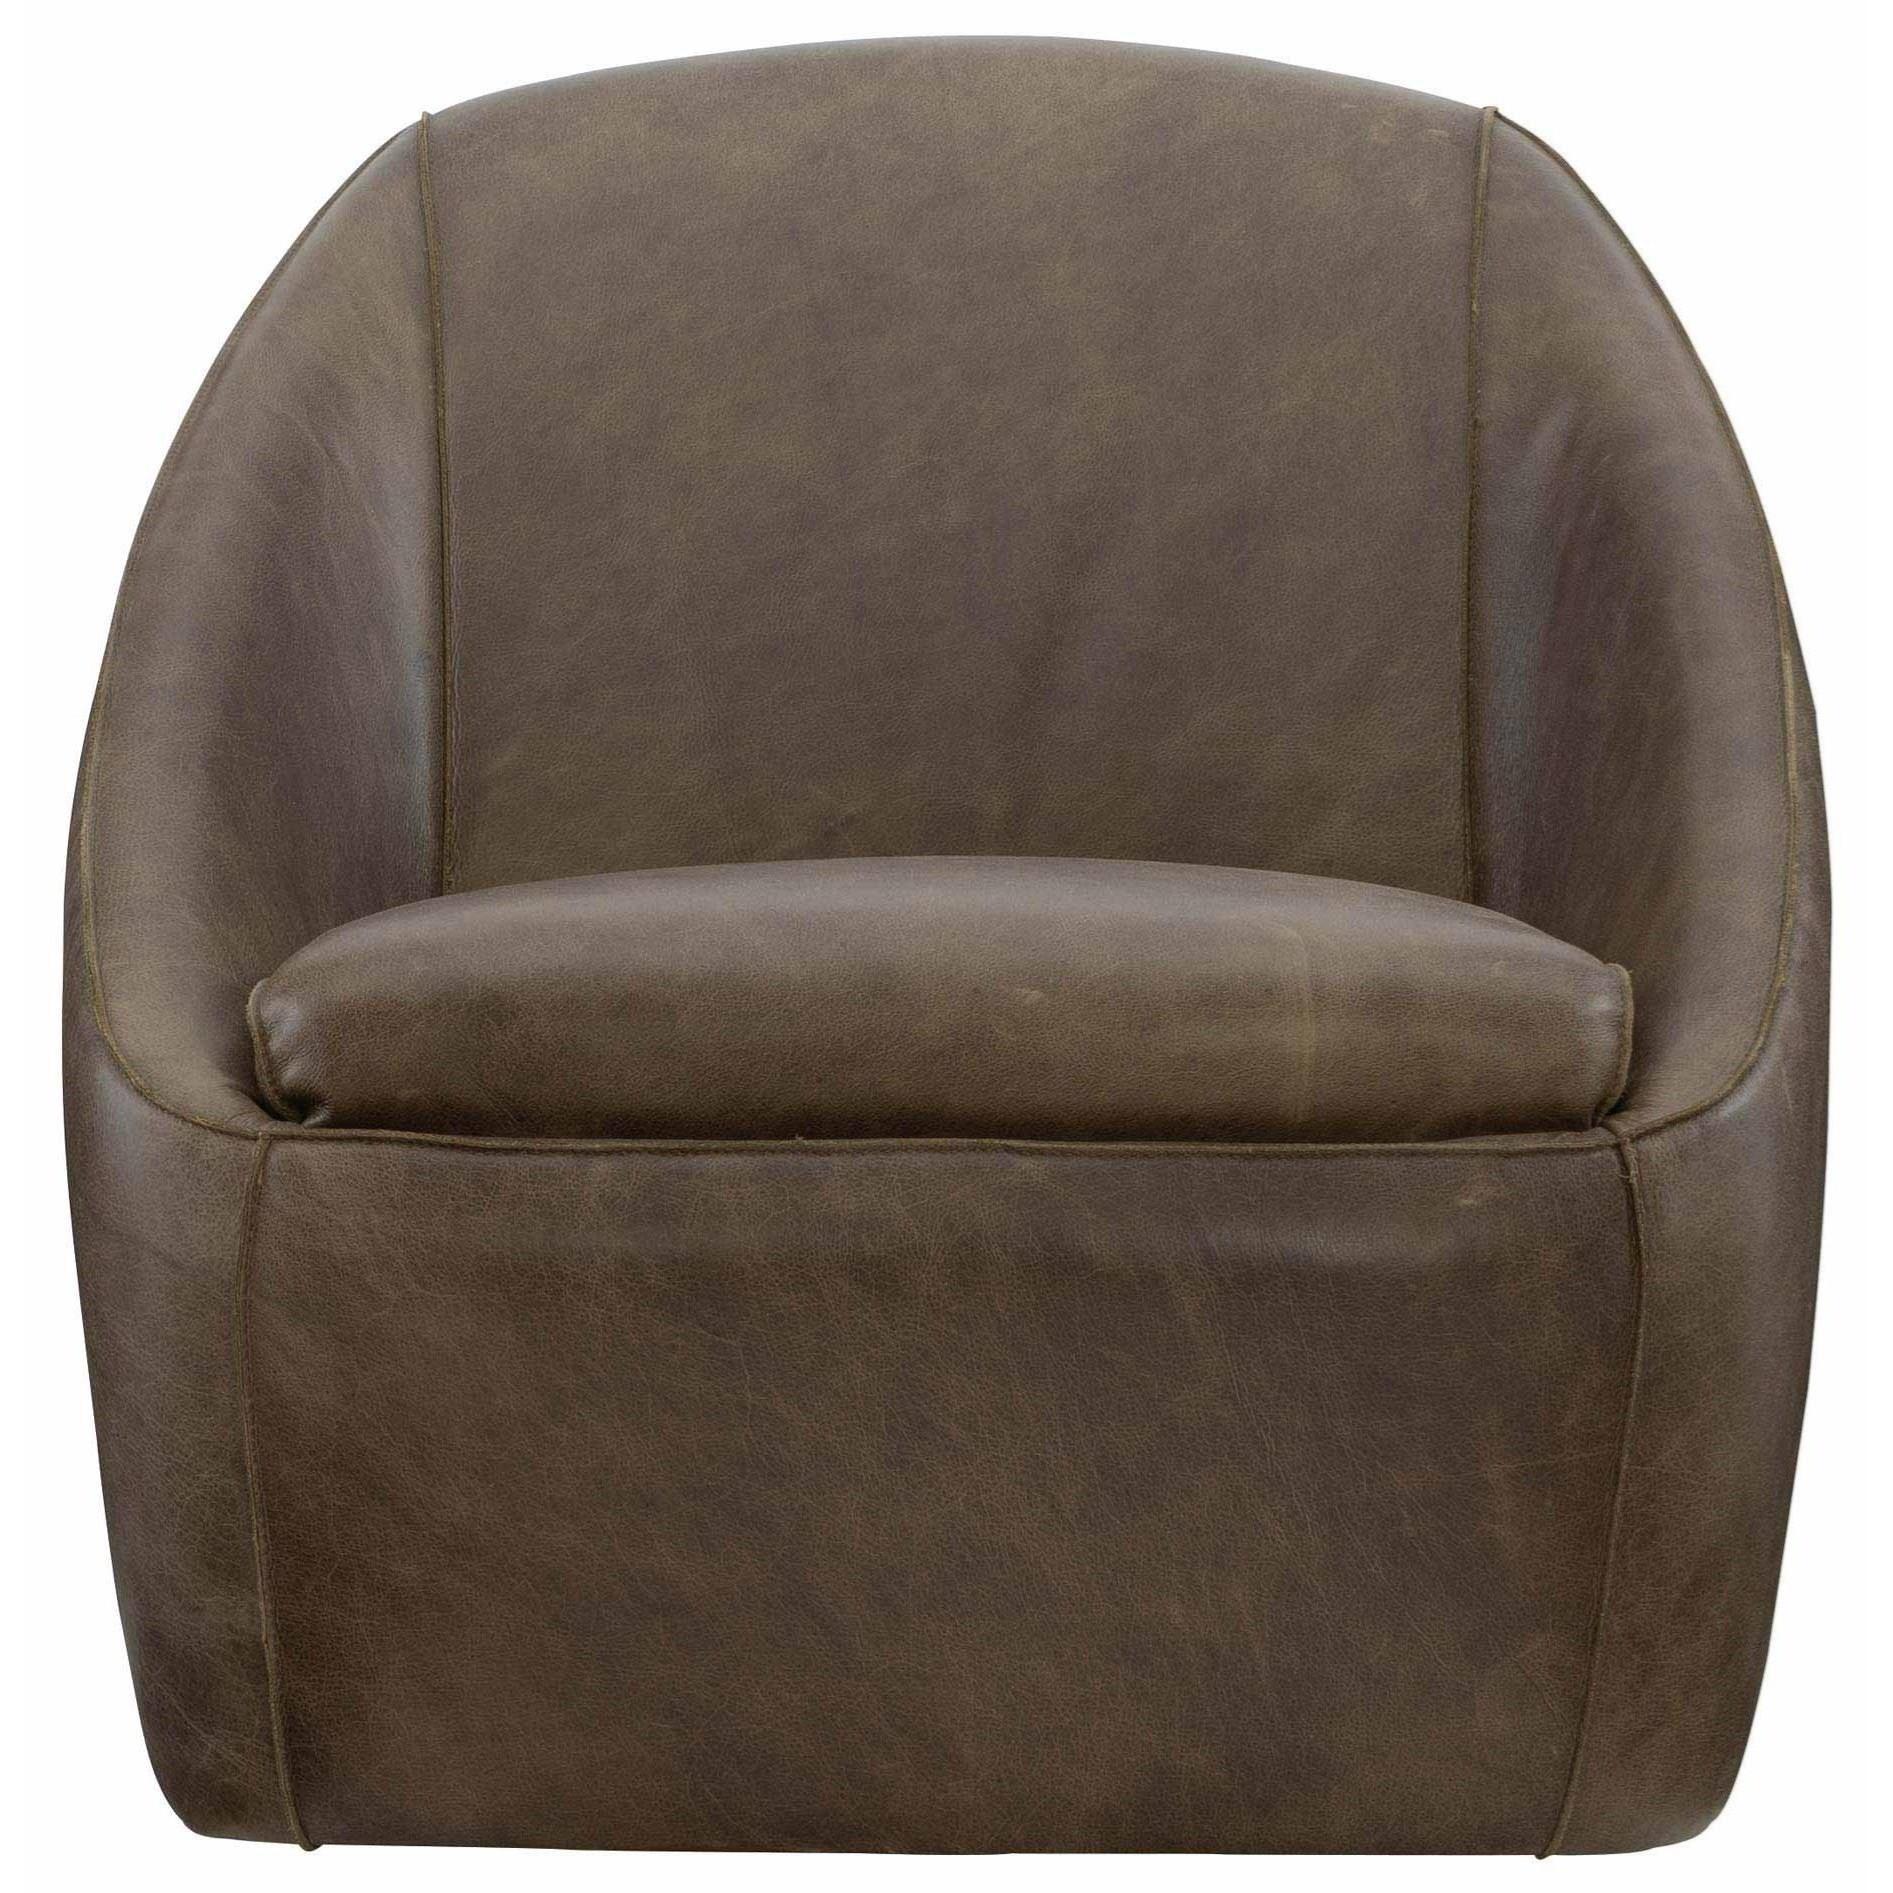 Loft - Highland Park Webster Swivel Chair by Bernhardt at Baer's Furniture